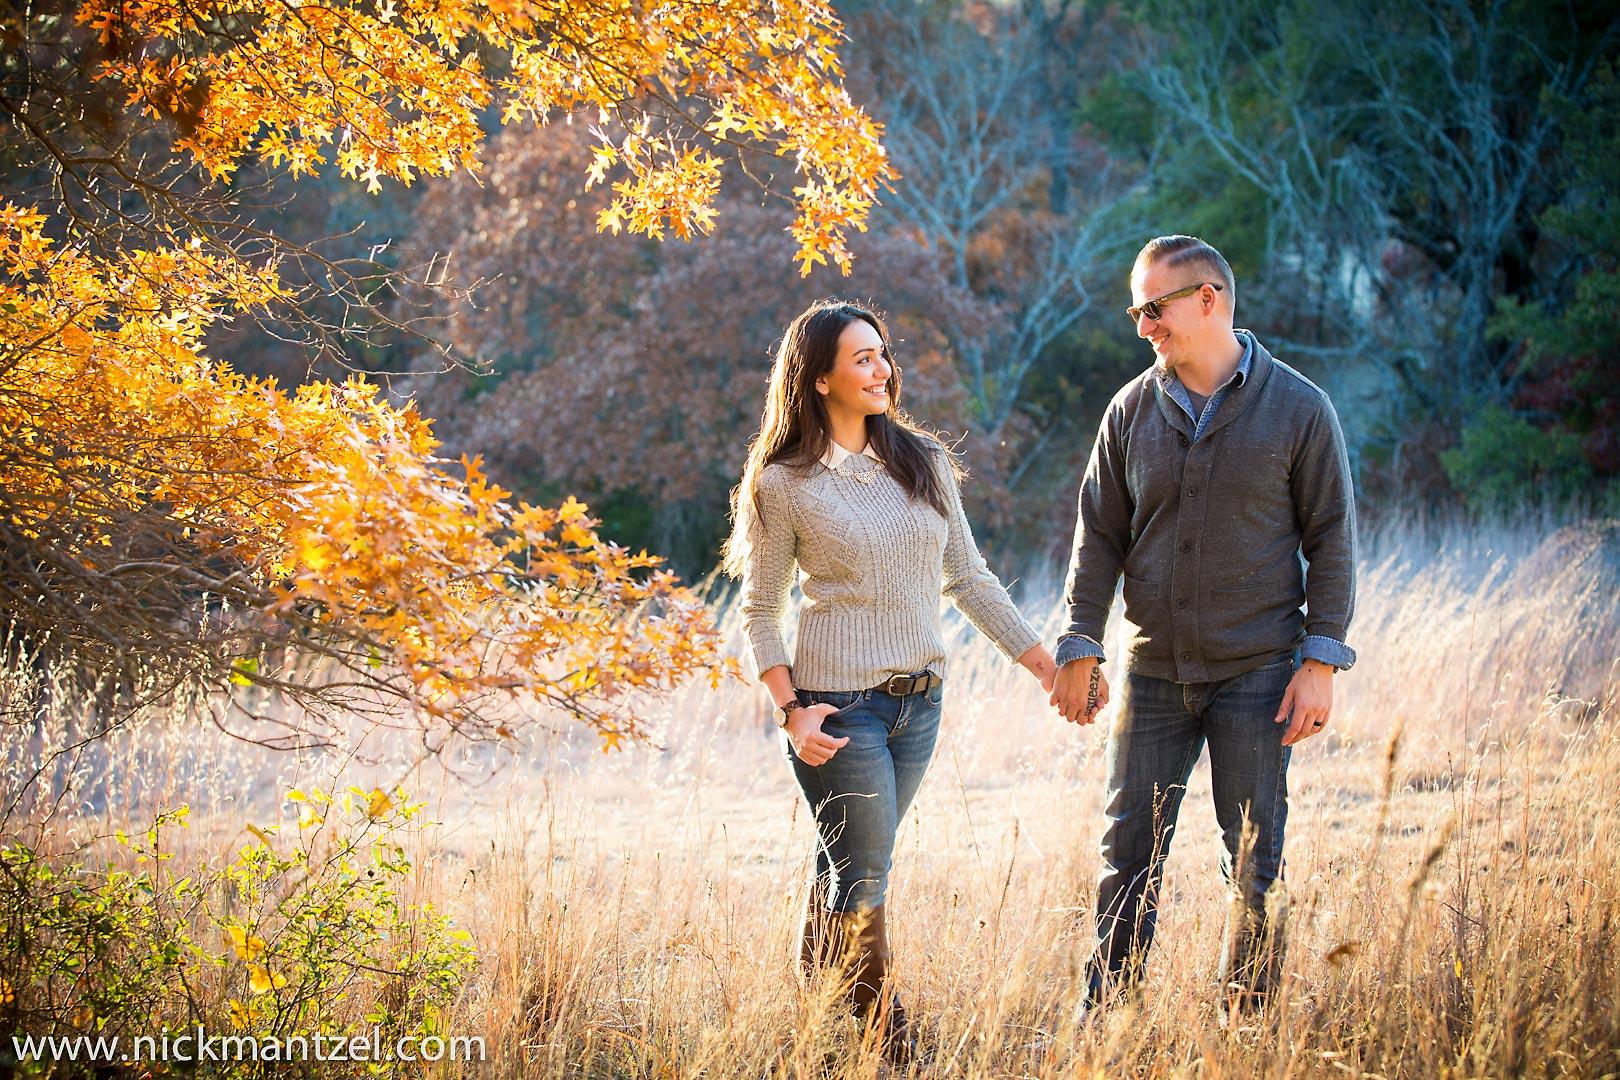 Parks Family Portraits Eagle Mountain Lake Texas San